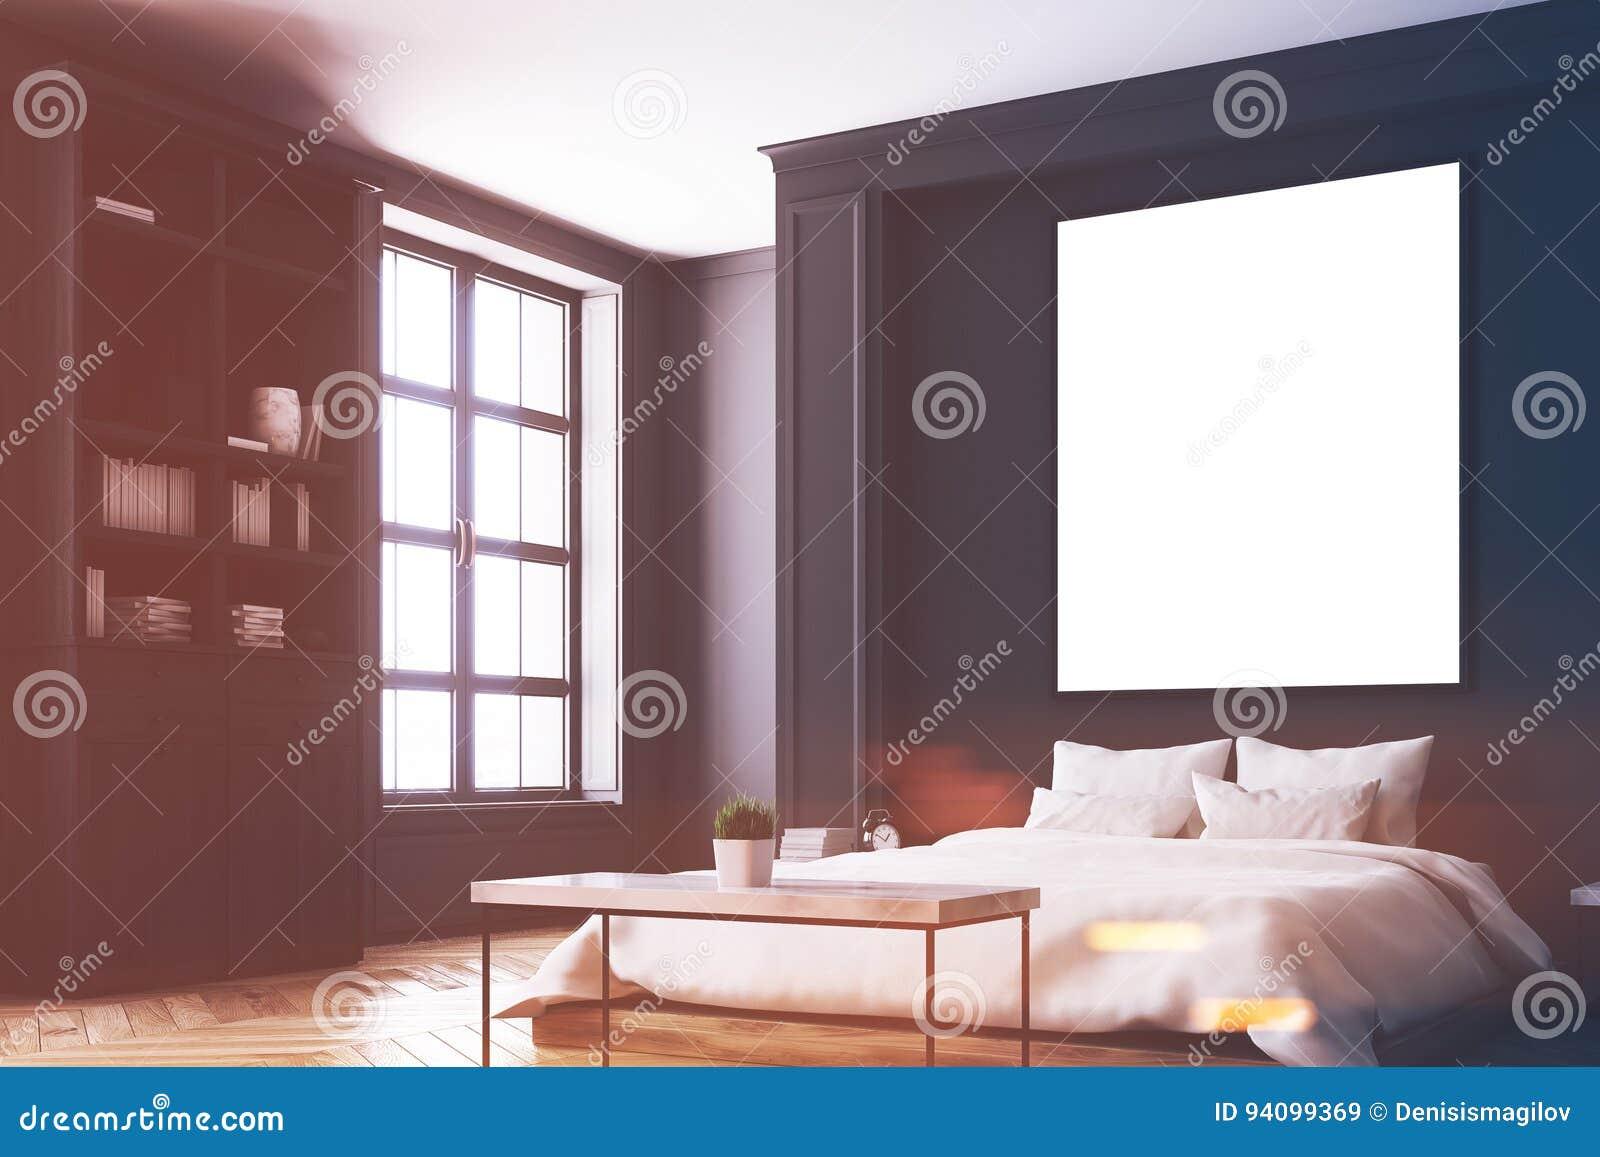 Angolo Del Letto : Interno nero della camera da letto angolo del manifesto tonificato